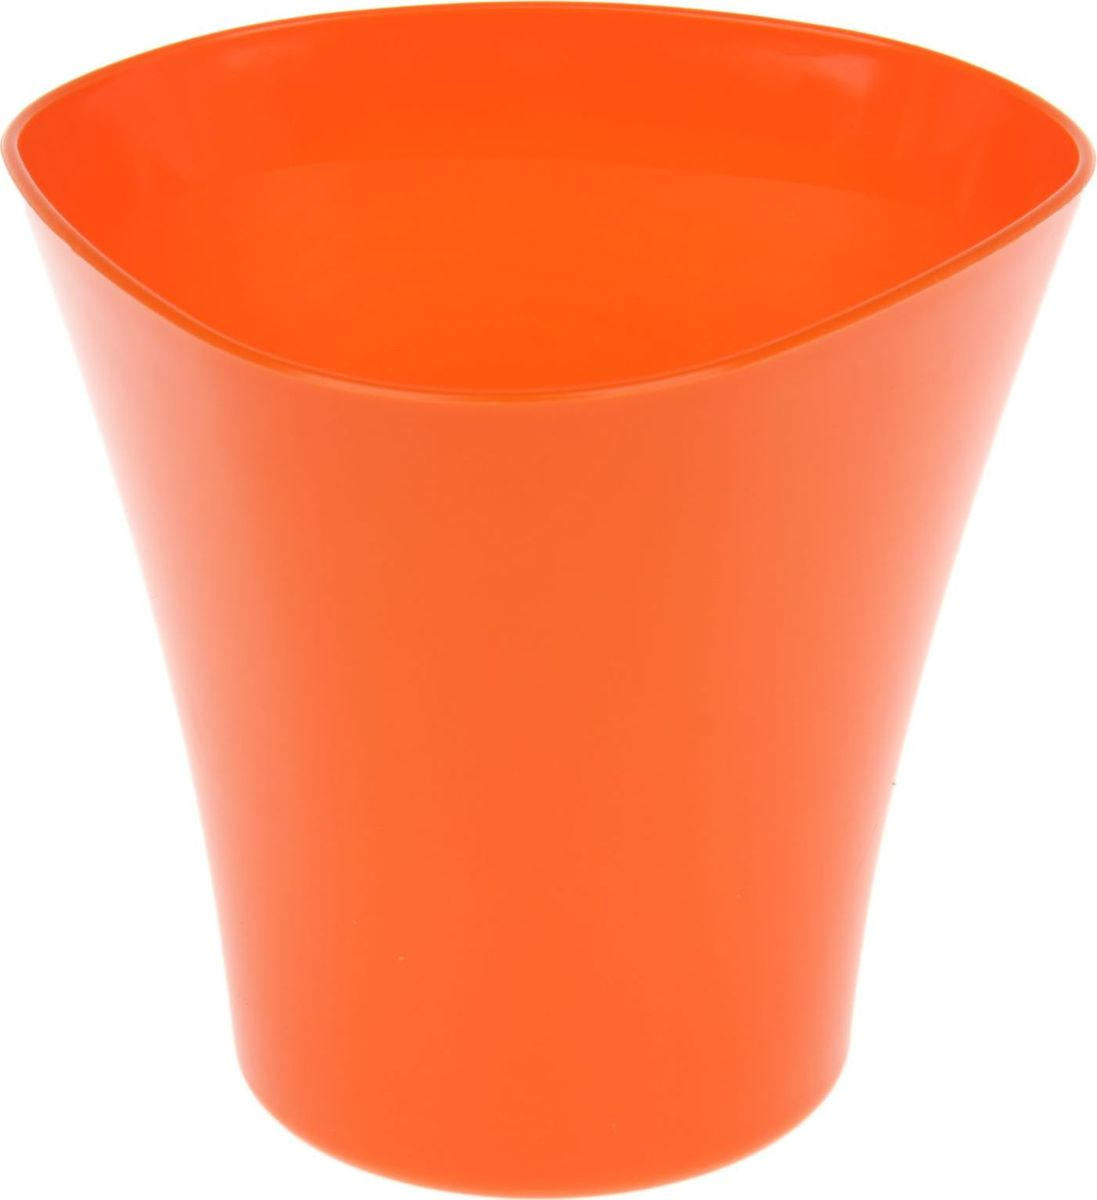 Кашпо JetPlast Волна, цвет: оранжевый, 1,5 л4607128377401Любой, даже самый современный и продуманный интерьер будет не завершённым без растений. Они не только очищают воздух и насыщают его кислородом, но и заметно украшают окружающее пространство. Такому полезному &laquo члену семьи&raquoпросто необходимо красивое и функциональное кашпо, оригинальный горшок или необычная ваза! Мы предлагаем - Кашпо 1,5 л Волна, цвет оранжевый!Оптимальный выбор материала &mdash &nbsp пластмасса! Почему мы так считаем? Малый вес. С лёгкостью переносите горшки и кашпо с места на место, ставьте их на столики или полки, подвешивайте под потолок, не беспокоясь о нагрузке. Простота ухода. Пластиковые изделия не нуждаются в специальных условиях хранения. Их&nbsp легко чистить &mdashдостаточно просто сполоснуть тёплой водой. Никаких царапин. Пластиковые кашпо не царапают и не загрязняют поверхности, на которых стоят. Пластик дольше хранит влагу, а значит &mdashрастение реже нуждается в поливе. Пластмасса не пропускает воздух &mdashкорневой системе растения не грозят резкие перепады температур. Огромный выбор форм, декора и расцветок &mdashвы без труда подберёте что-то, что идеально впишется в уже существующий интерьер.Соблюдая нехитрые правила ухода, вы можете заметно продлить срок службы горшков, вазонов и кашпо из пластика: всегда учитывайте размер кроны и корневой системы растения (при разрастании большое растение способно повредить маленький горшок)берегите изделие от воздействия прямых солнечных лучей, чтобы кашпо и горшки не выцветалидержите кашпо и горшки из пластика подальше от нагревающихся поверхностей.Создавайте прекрасные цветочные композиции, выращивайте рассаду или необычные растения, а низкие цены позволят вам не ограничивать себя в выборе.